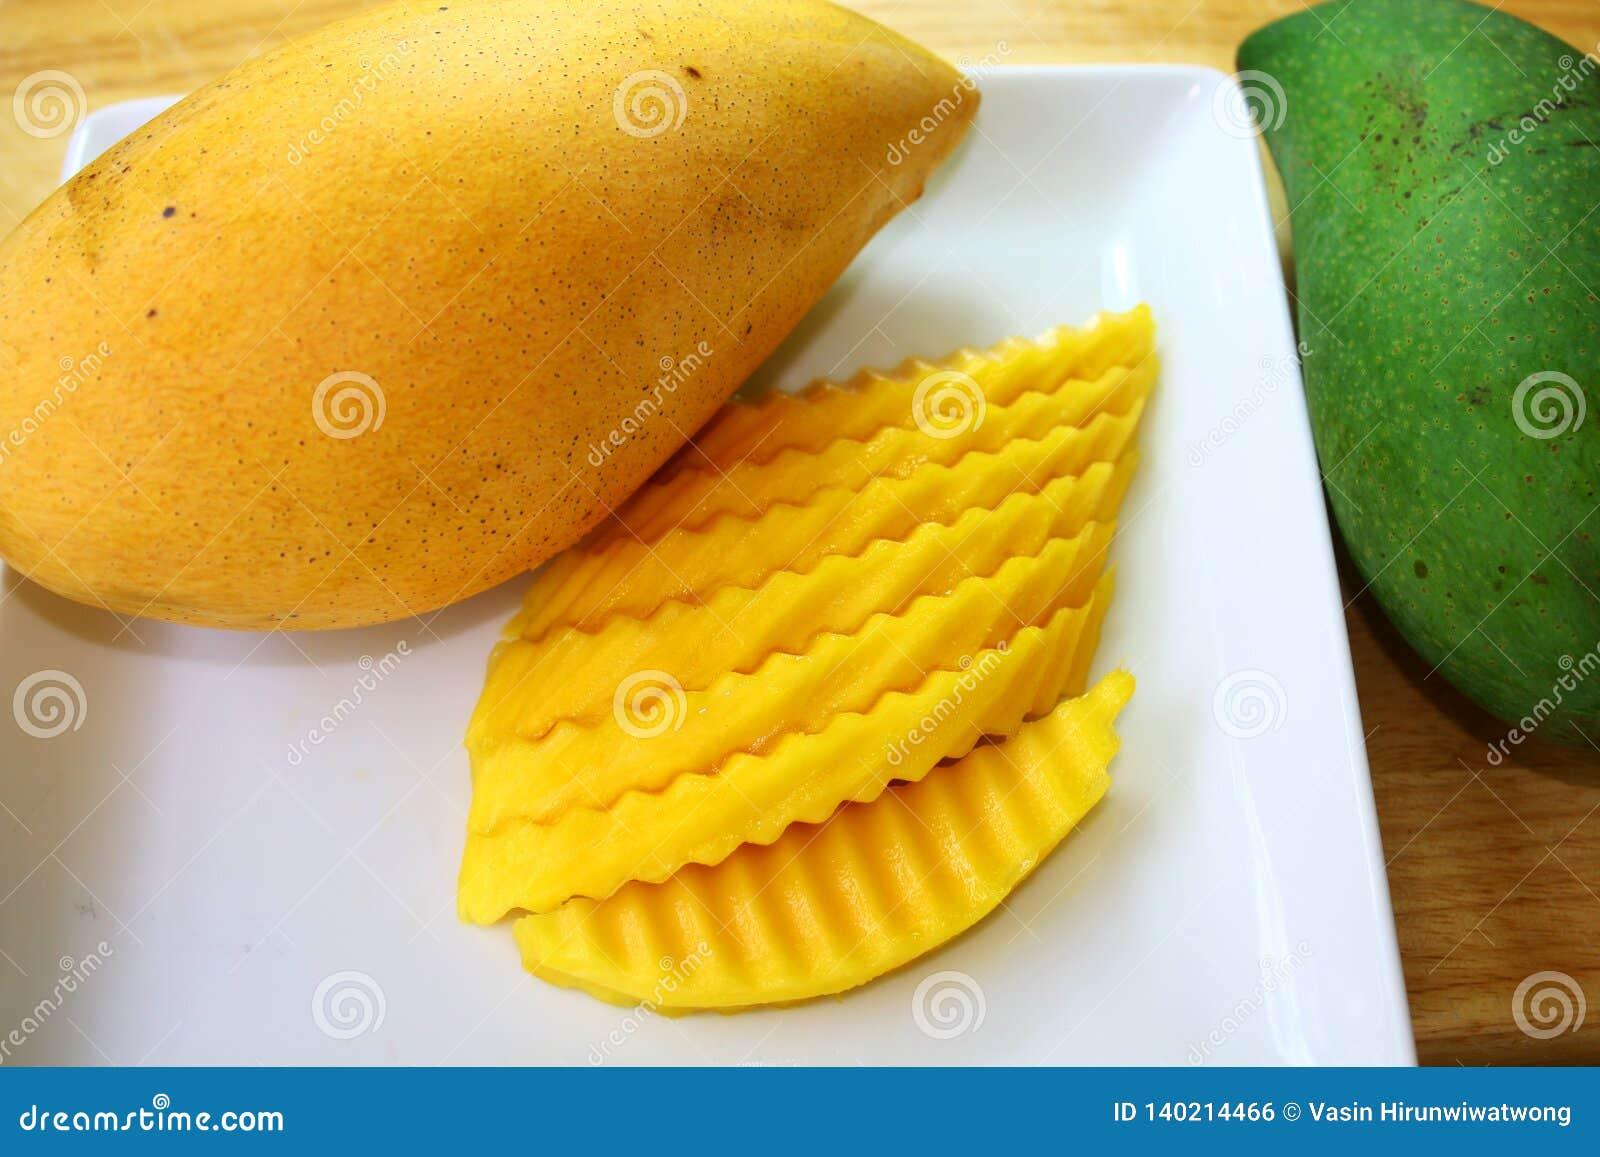 Mango Koloru żółtego i zieleni mango